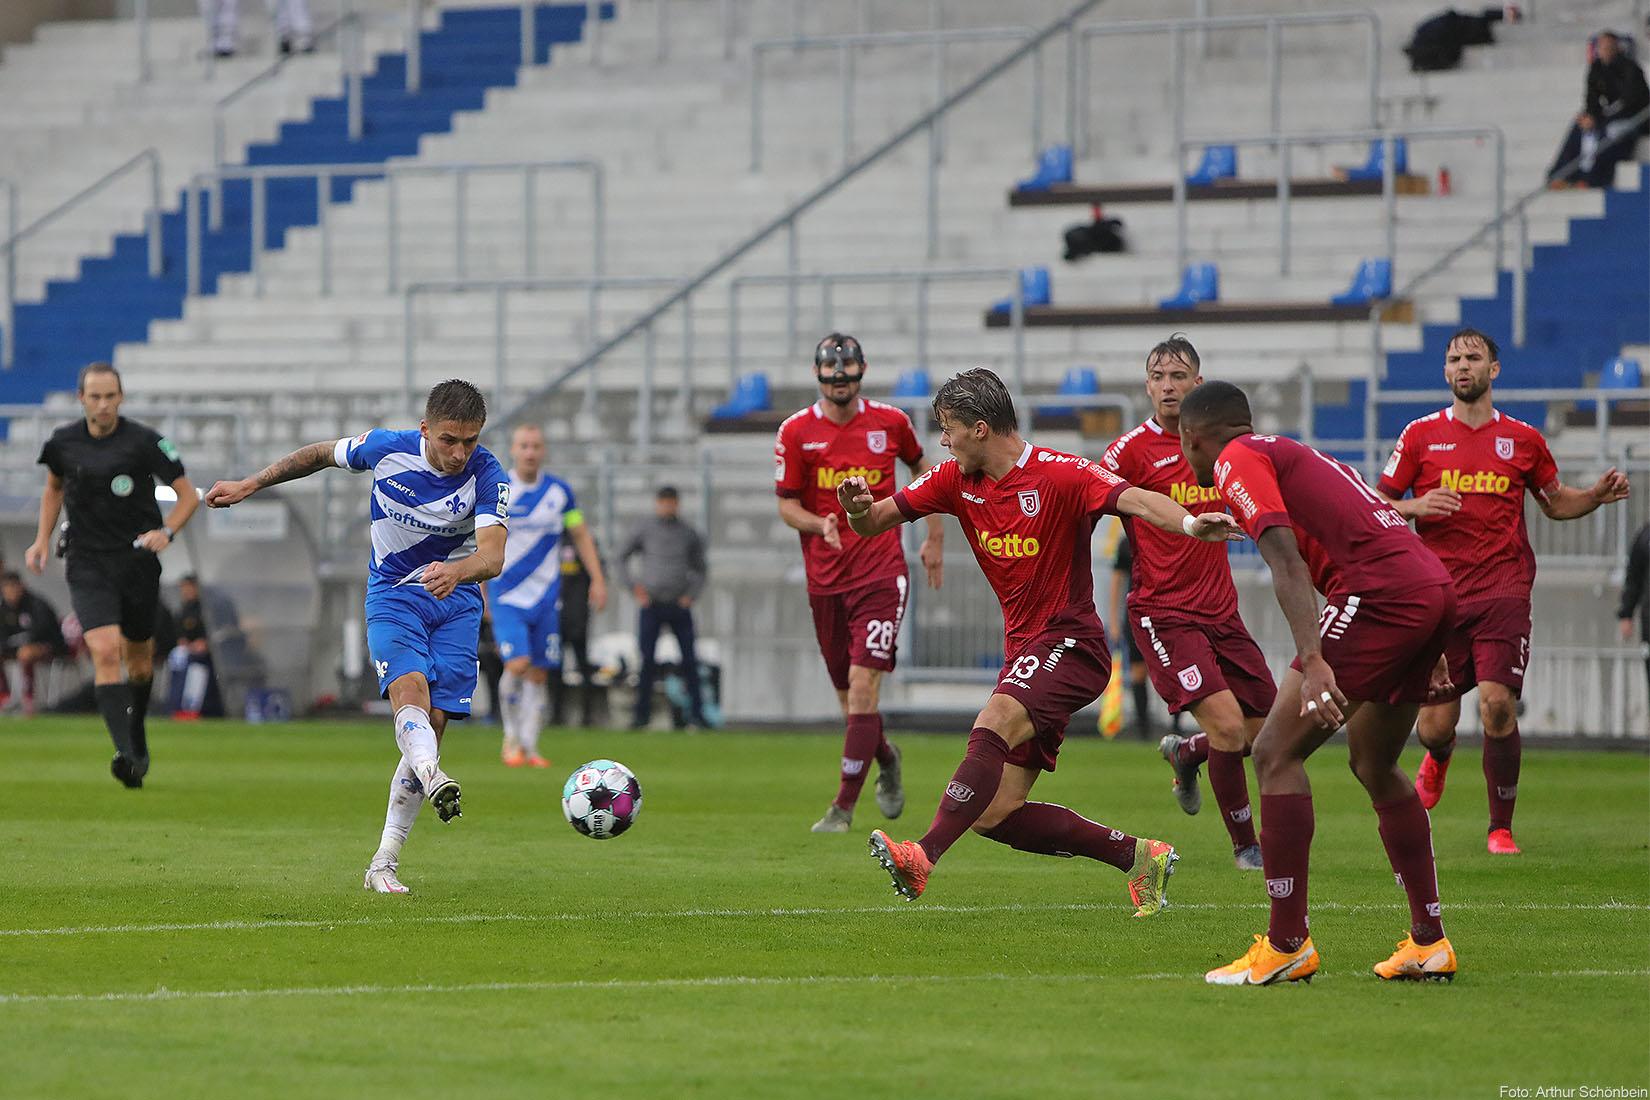 Impressionen vom Spiel gegen Jahn Regensburg